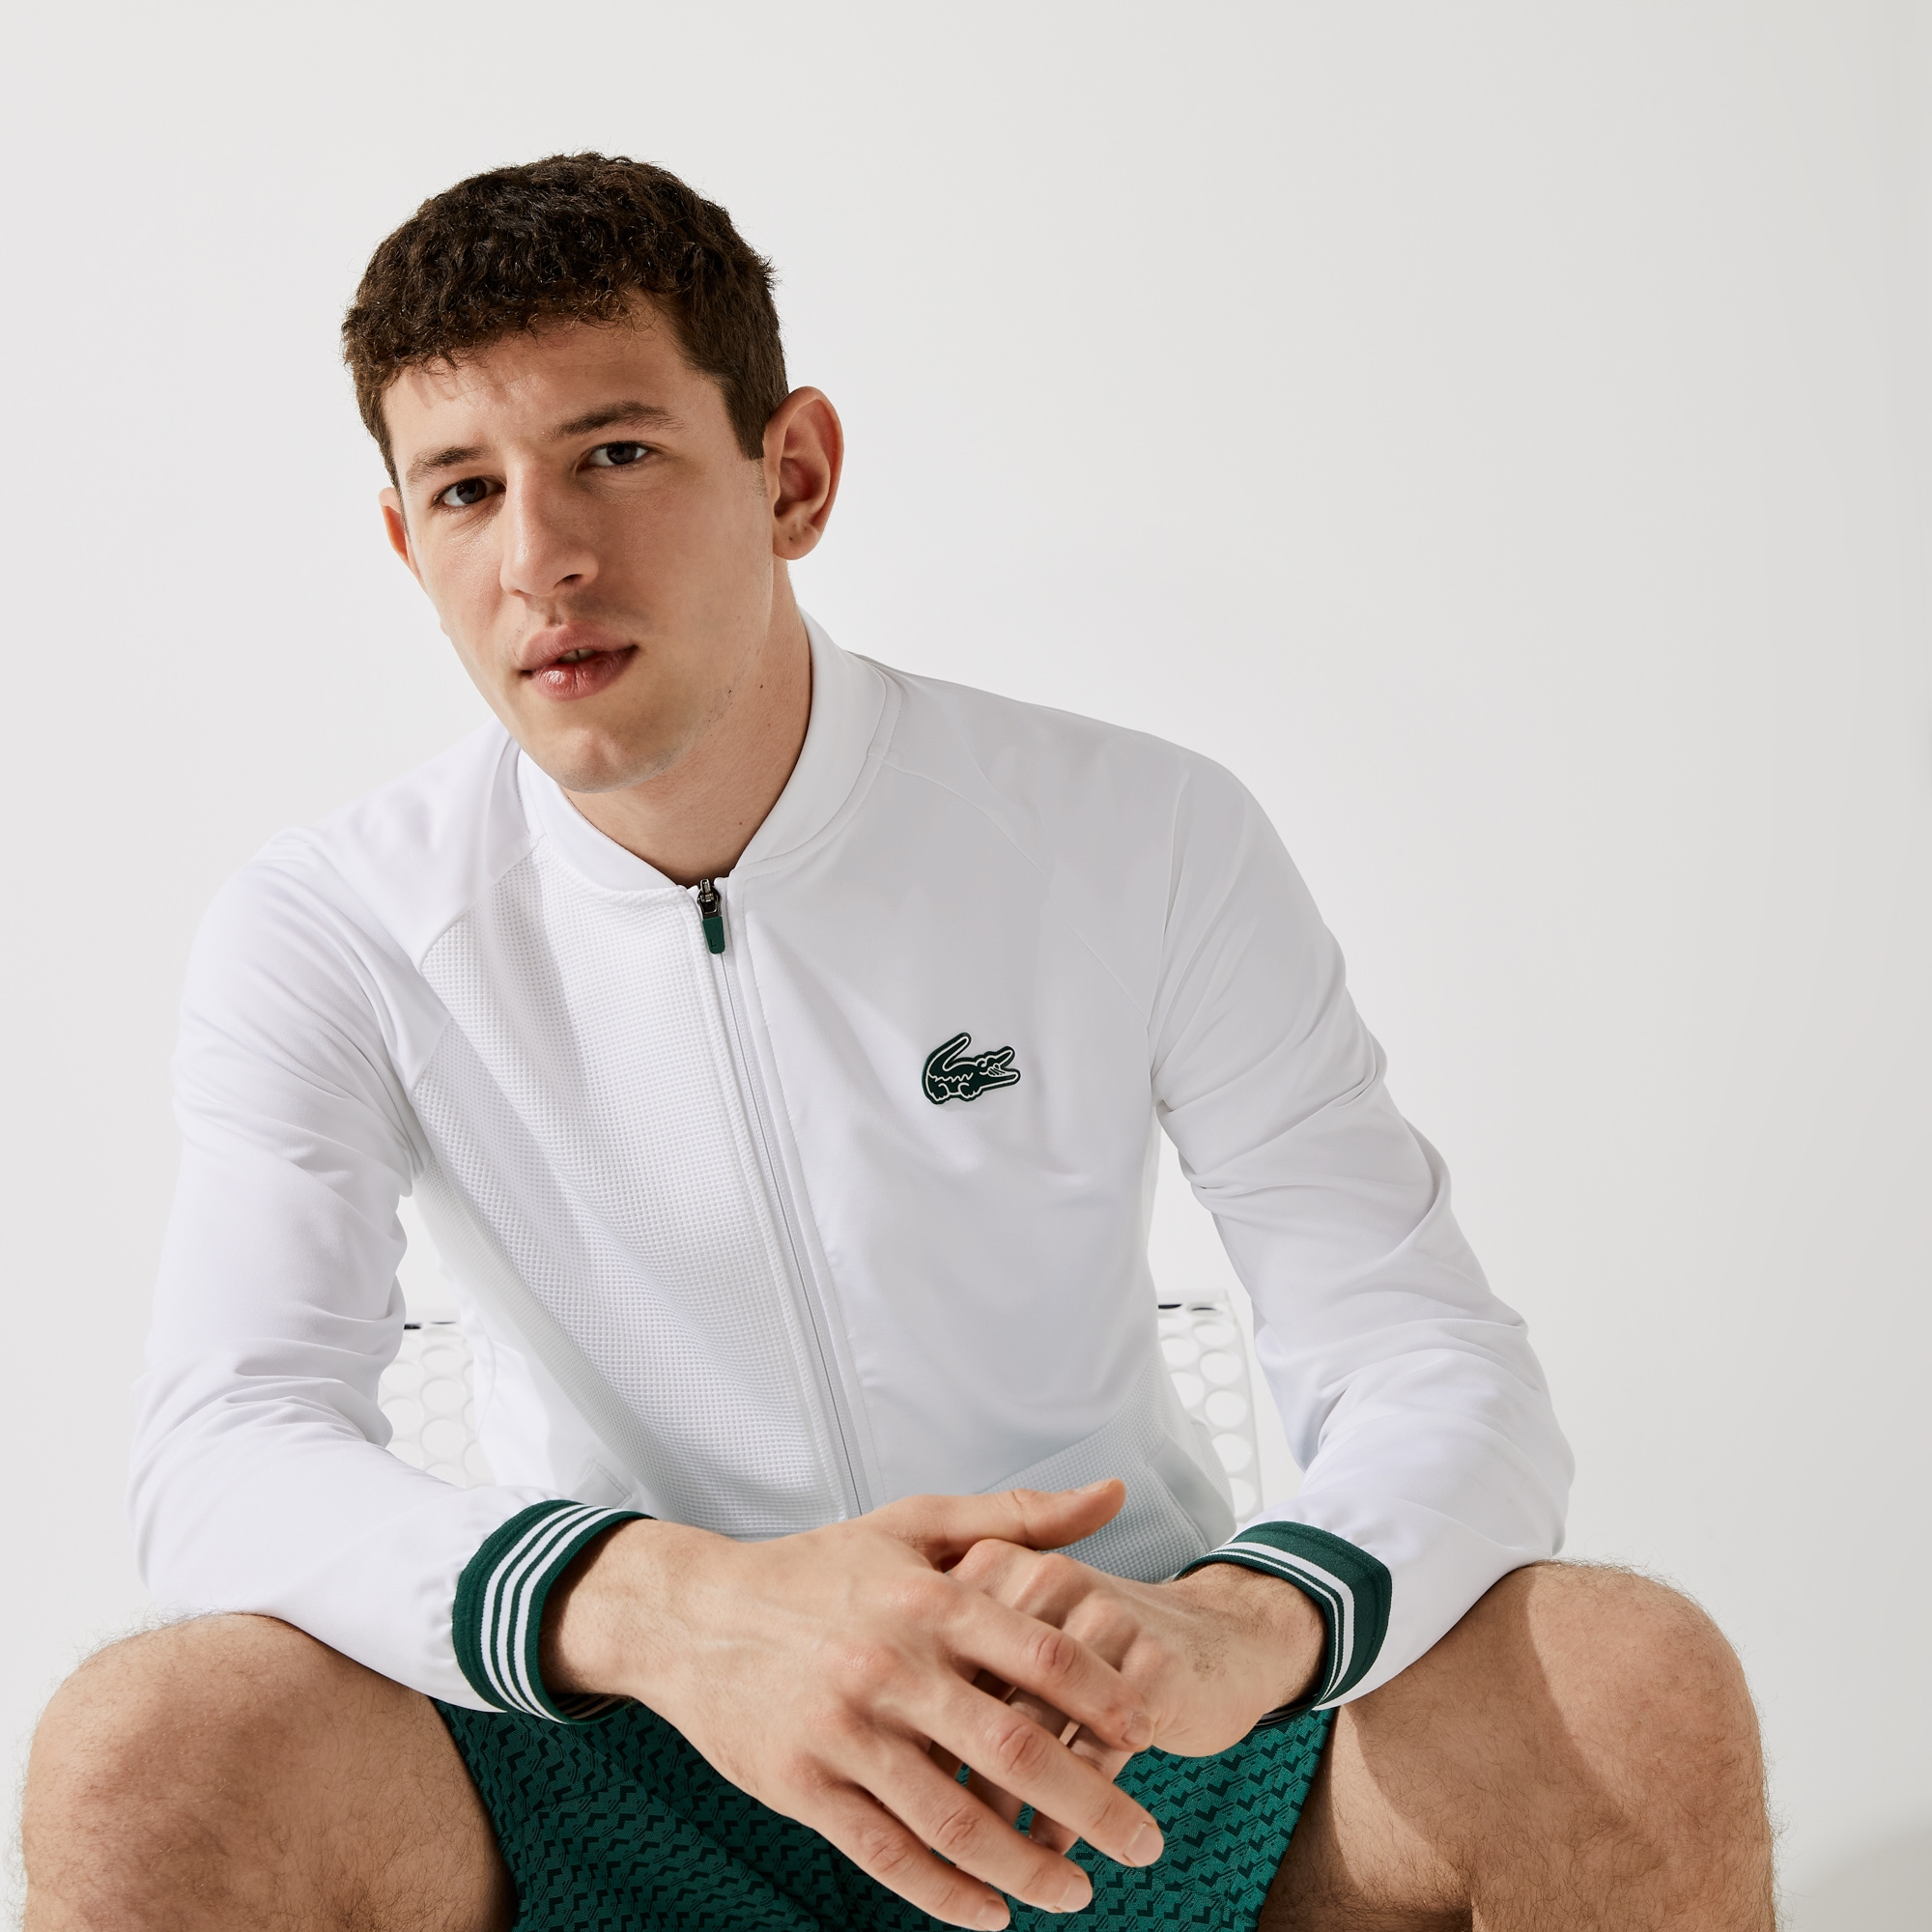 라코스테 맨 스포츠 집업 맨투맨 Lacoste Men's SPORT Technical Zip Sweatshirt,White / Green 1YU